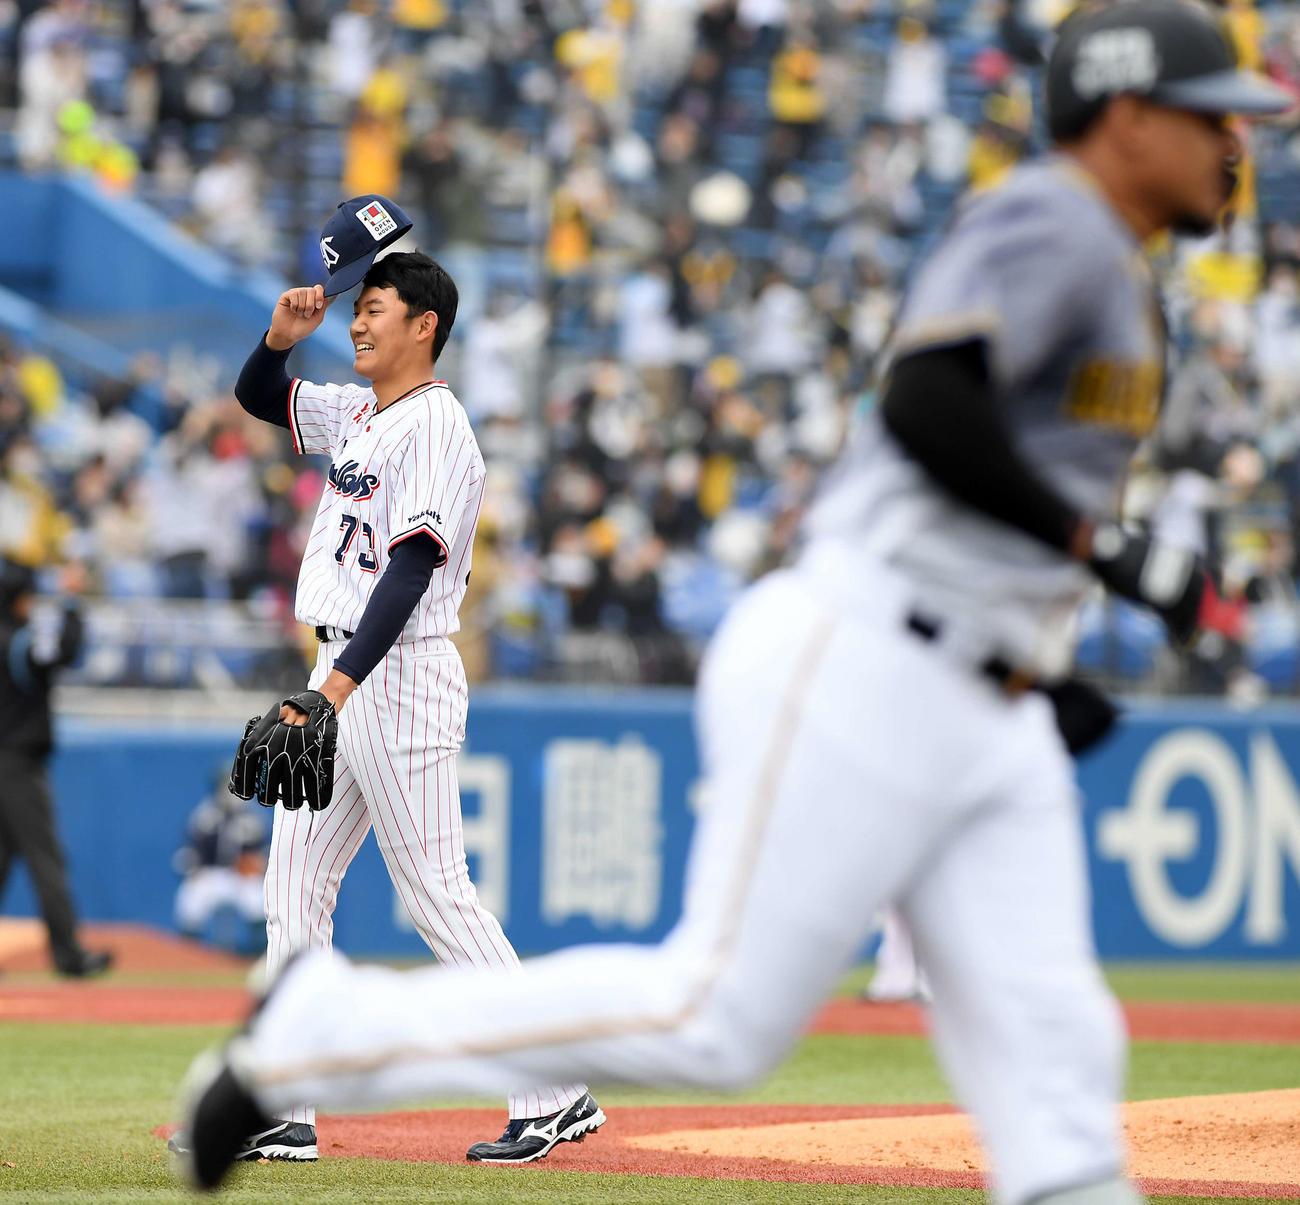 ヤクルト対阪神 3回表阪神2死、マルテにソロ本塁打を許し苦笑いを浮かべる奥川(撮影・ たえ 見朱実)